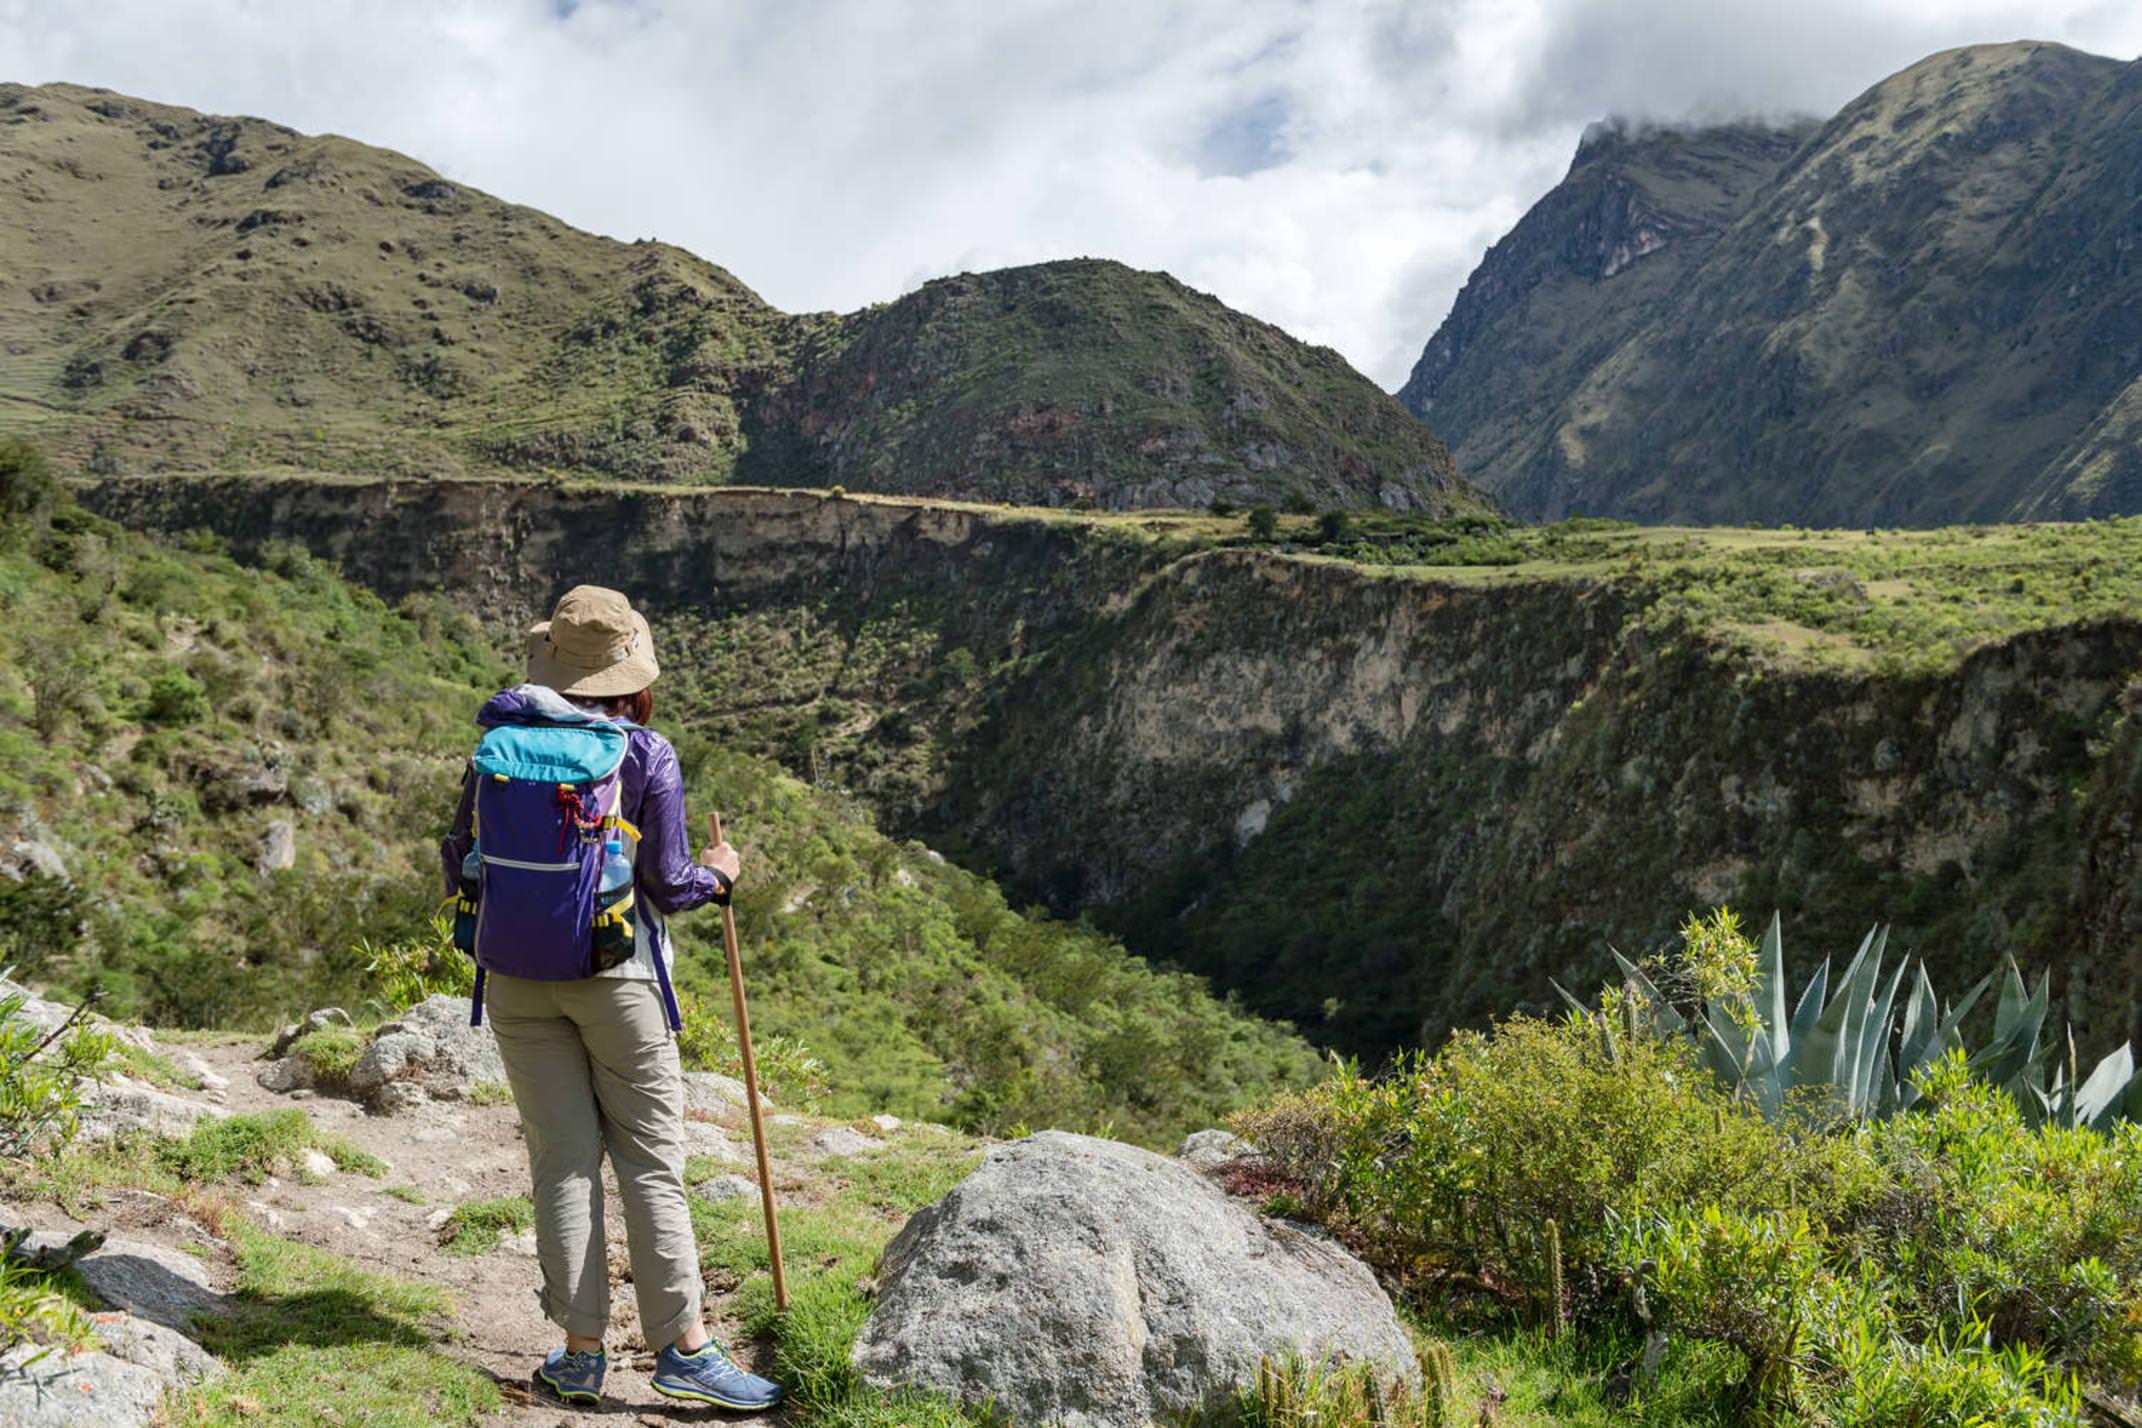 Peru inca trail travallers walking on the inca trail km82 machu picchu peru